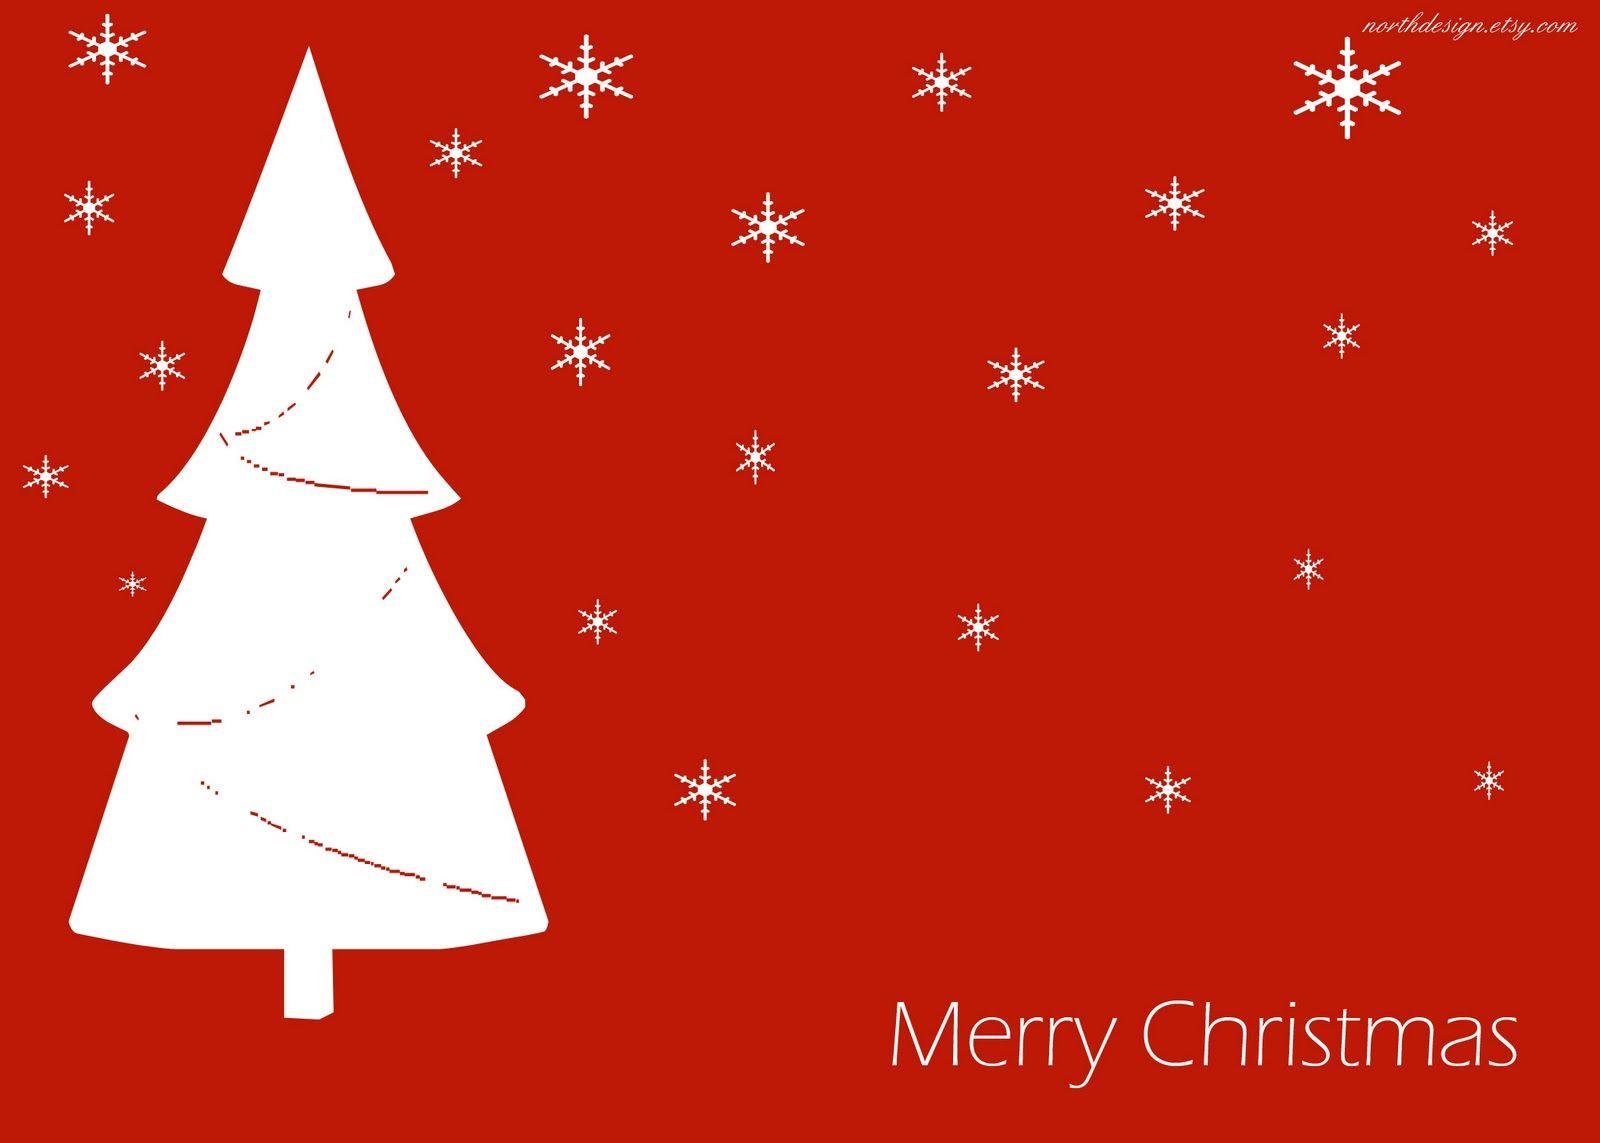 Free Printable Christmas Cards Free Printable Red Christmas Card